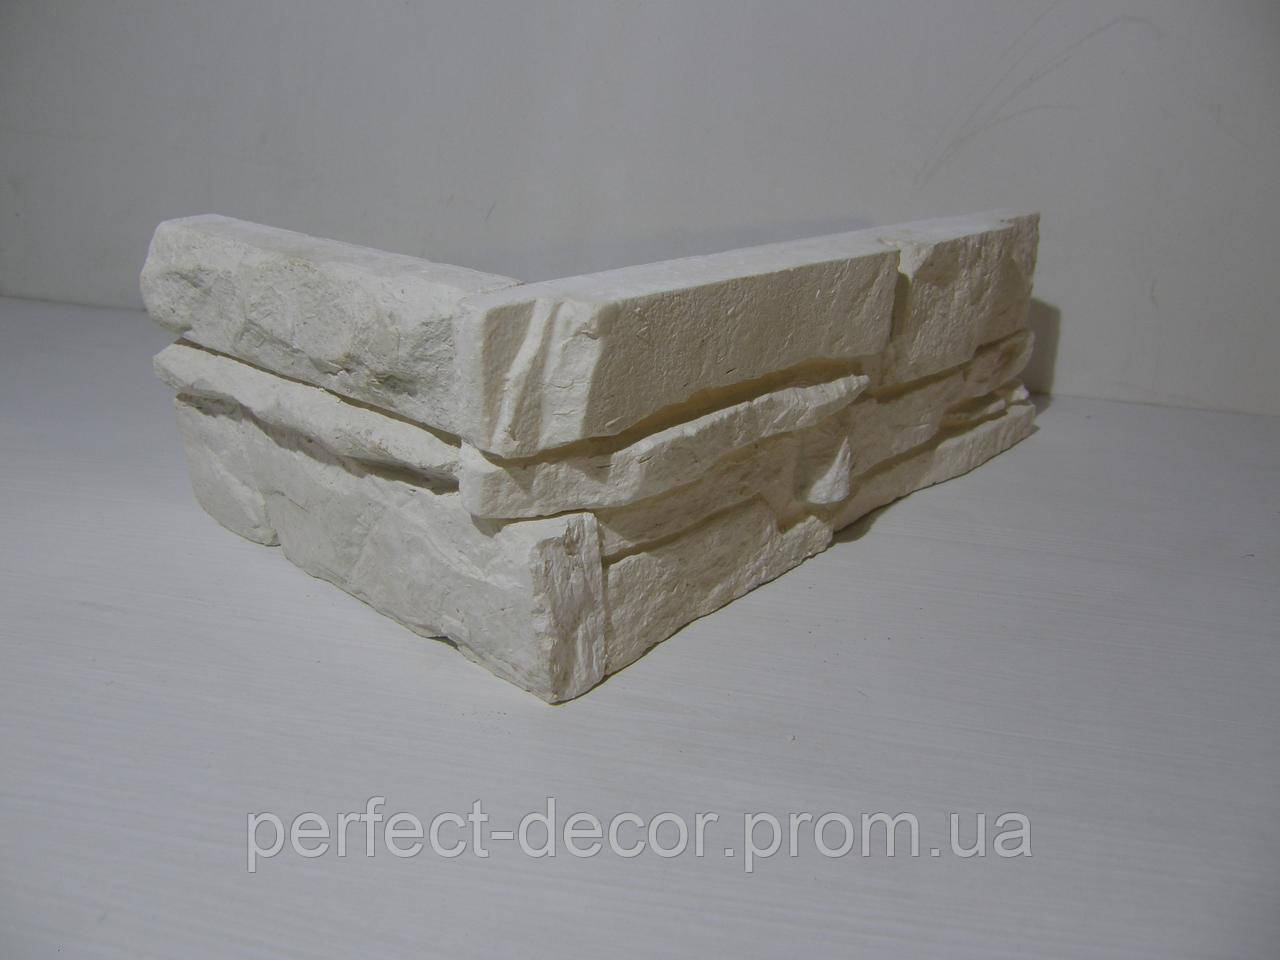 Камень декоративный Сланец (белый) угловой - ПП Загария в Черновицкой области